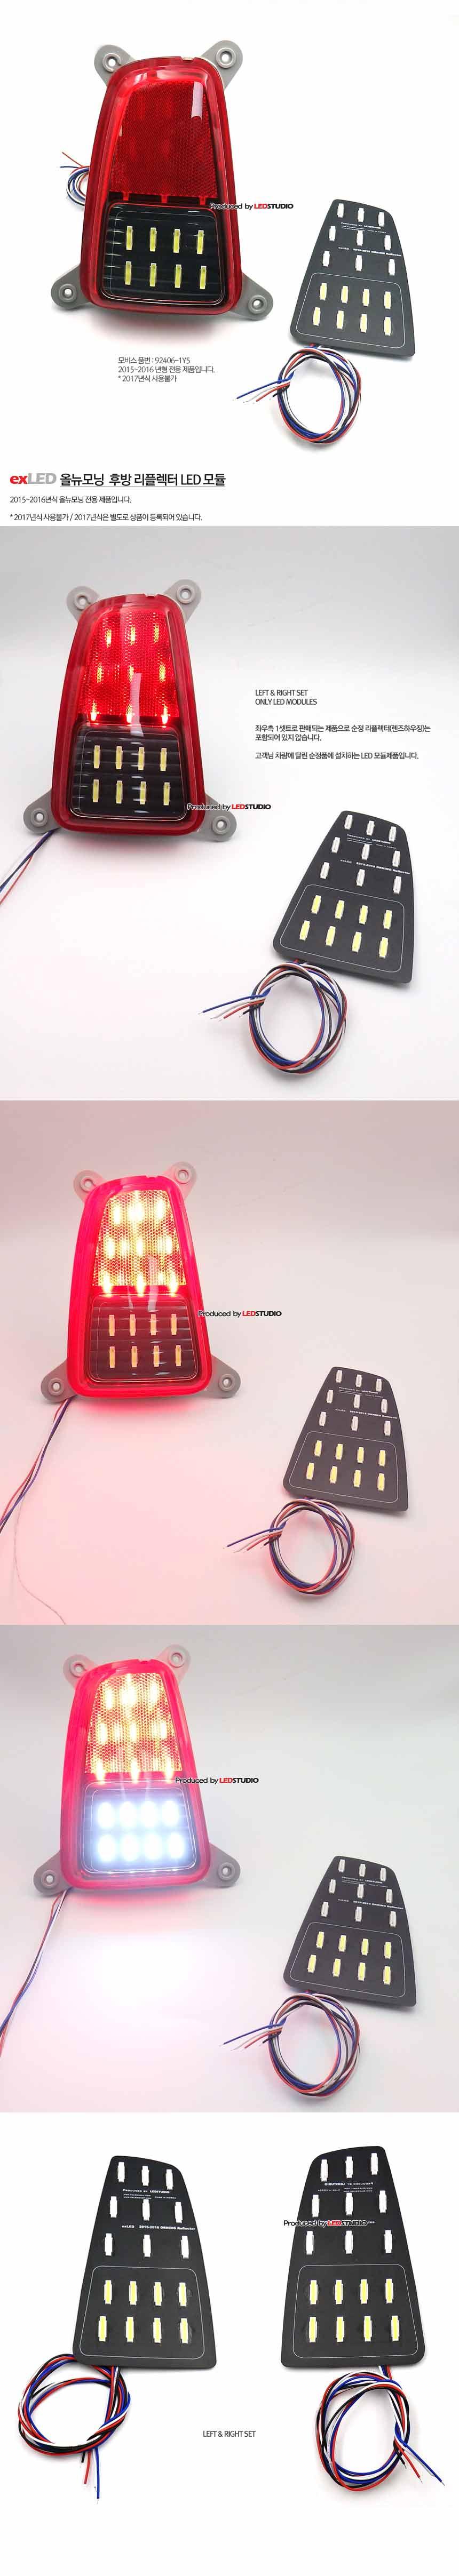 exLED 모닝 2015~2016용 후방 리플렉터 파워 LED 모듈 (미등/브레이크/후진등)